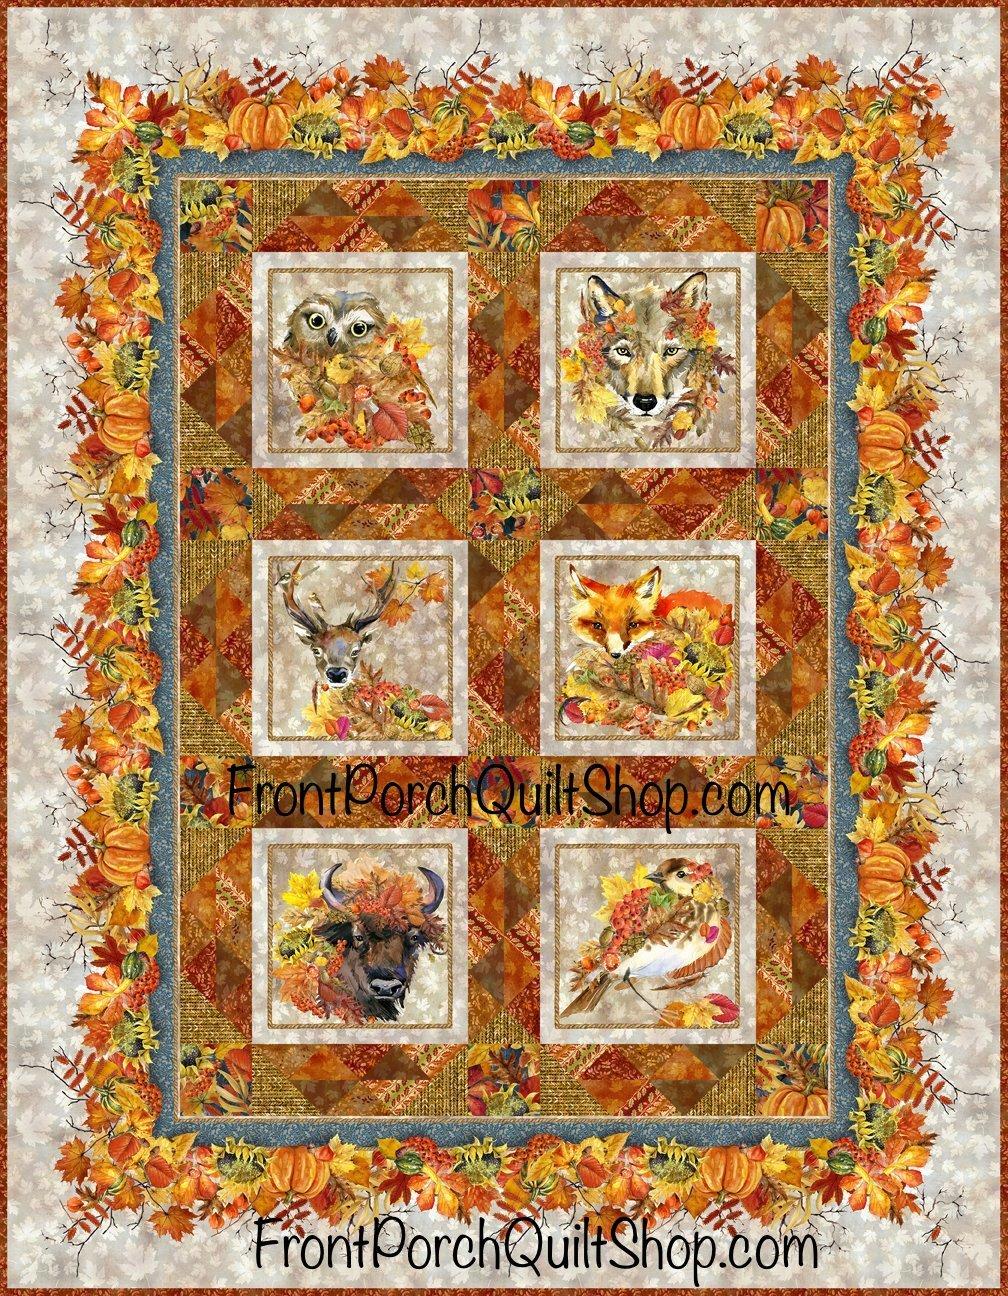 Our Autumn Friends Quilt Pattern